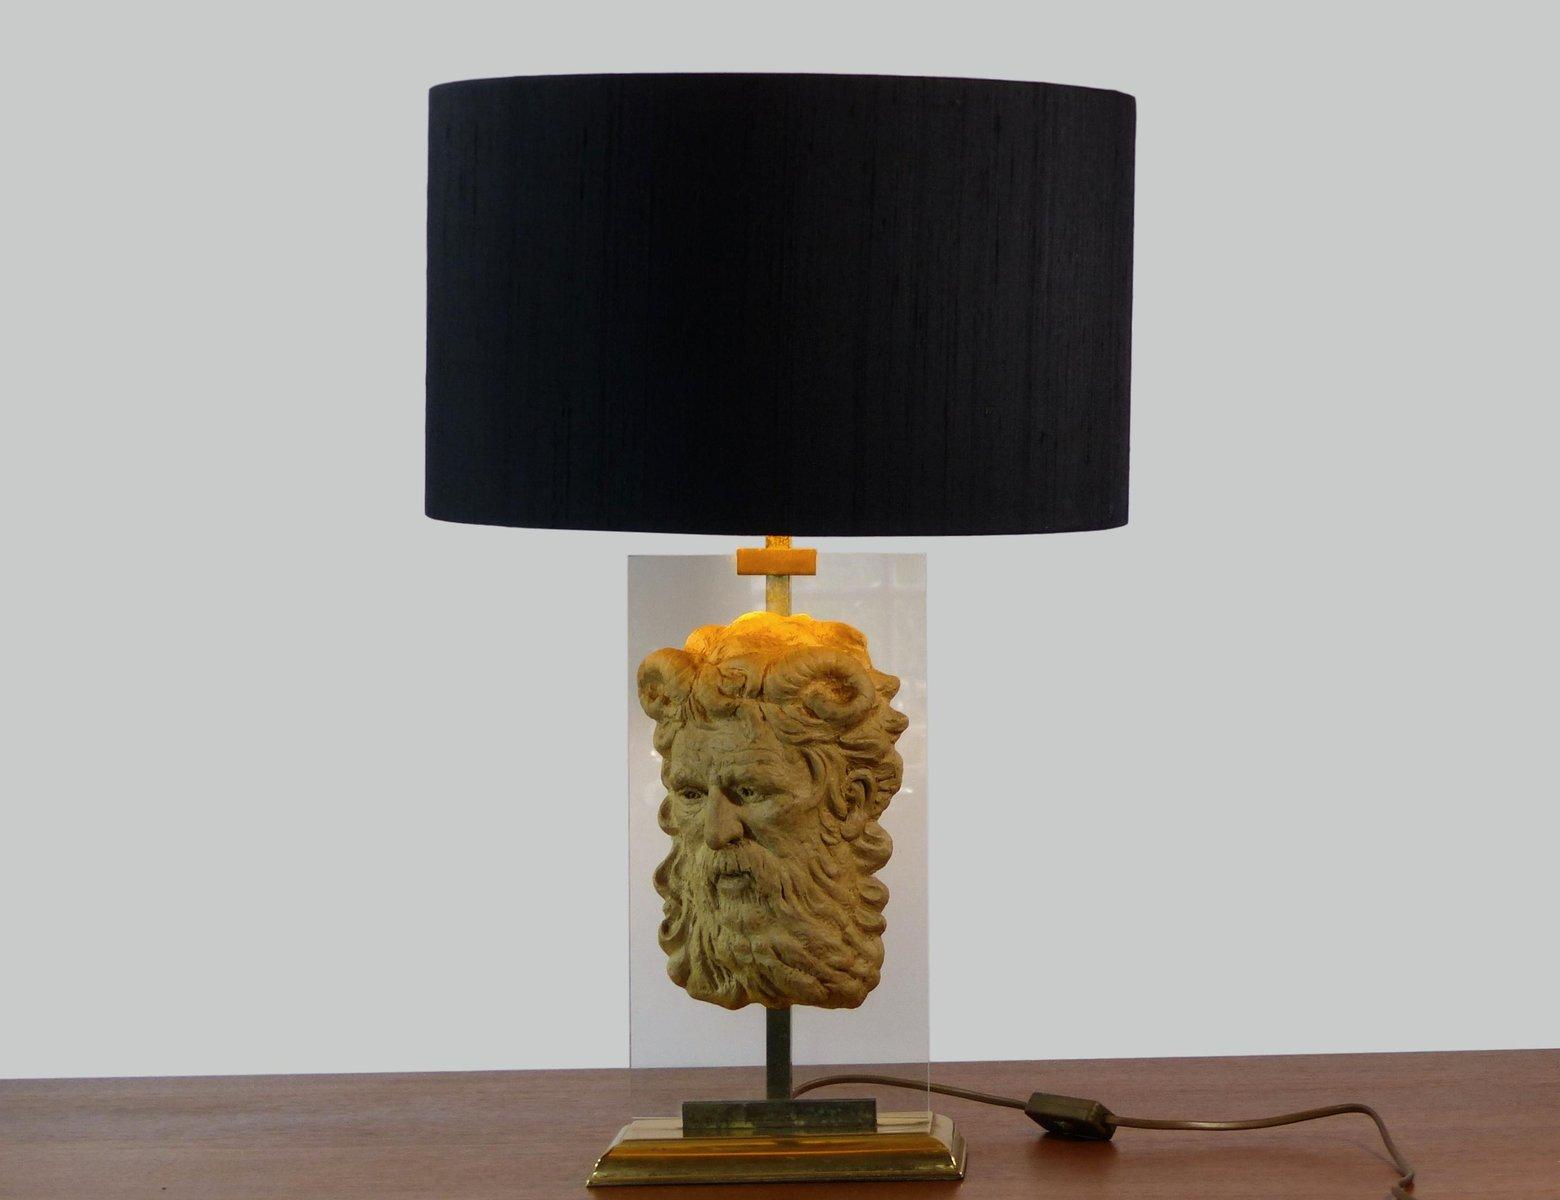 lampe de bureau vintage style n o classique avec masque de faon en vente sur pamono. Black Bedroom Furniture Sets. Home Design Ideas